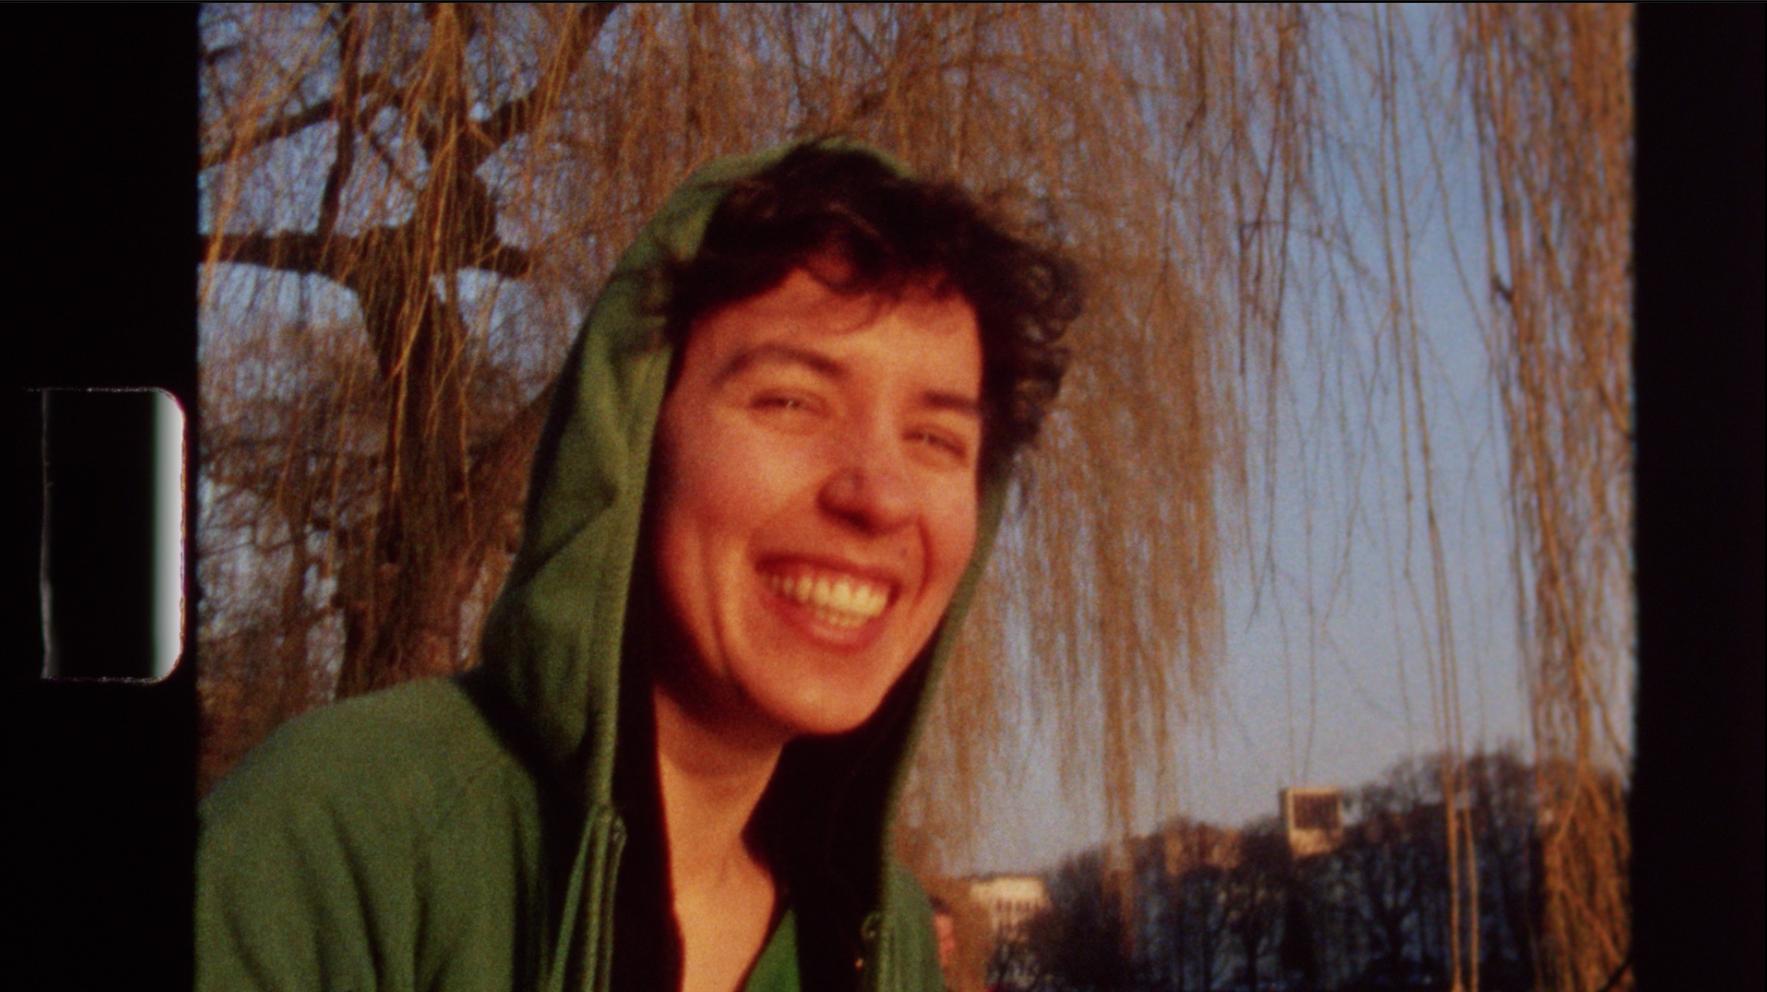 Sara Pêra, Berlin, Germany.